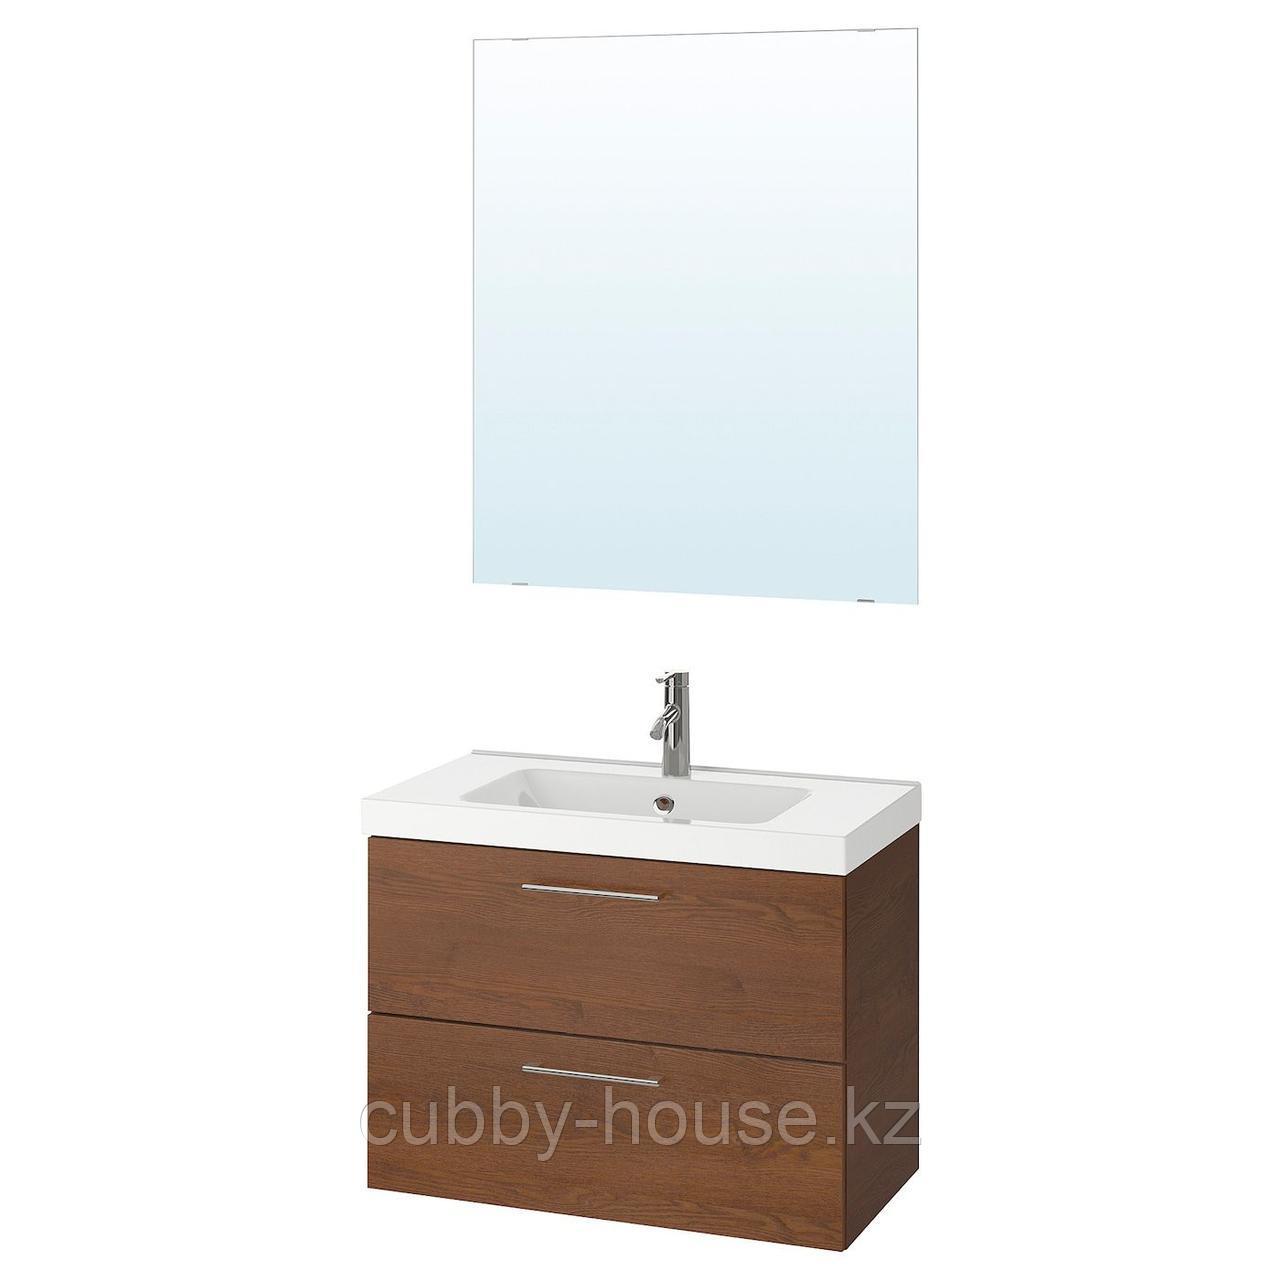 ГОДМОРГОН / ОДЕНСВИК Комплект мебели для ванной,4 предм., под коричневый мореный ясень, ДАЛЬШЕР смеситель,